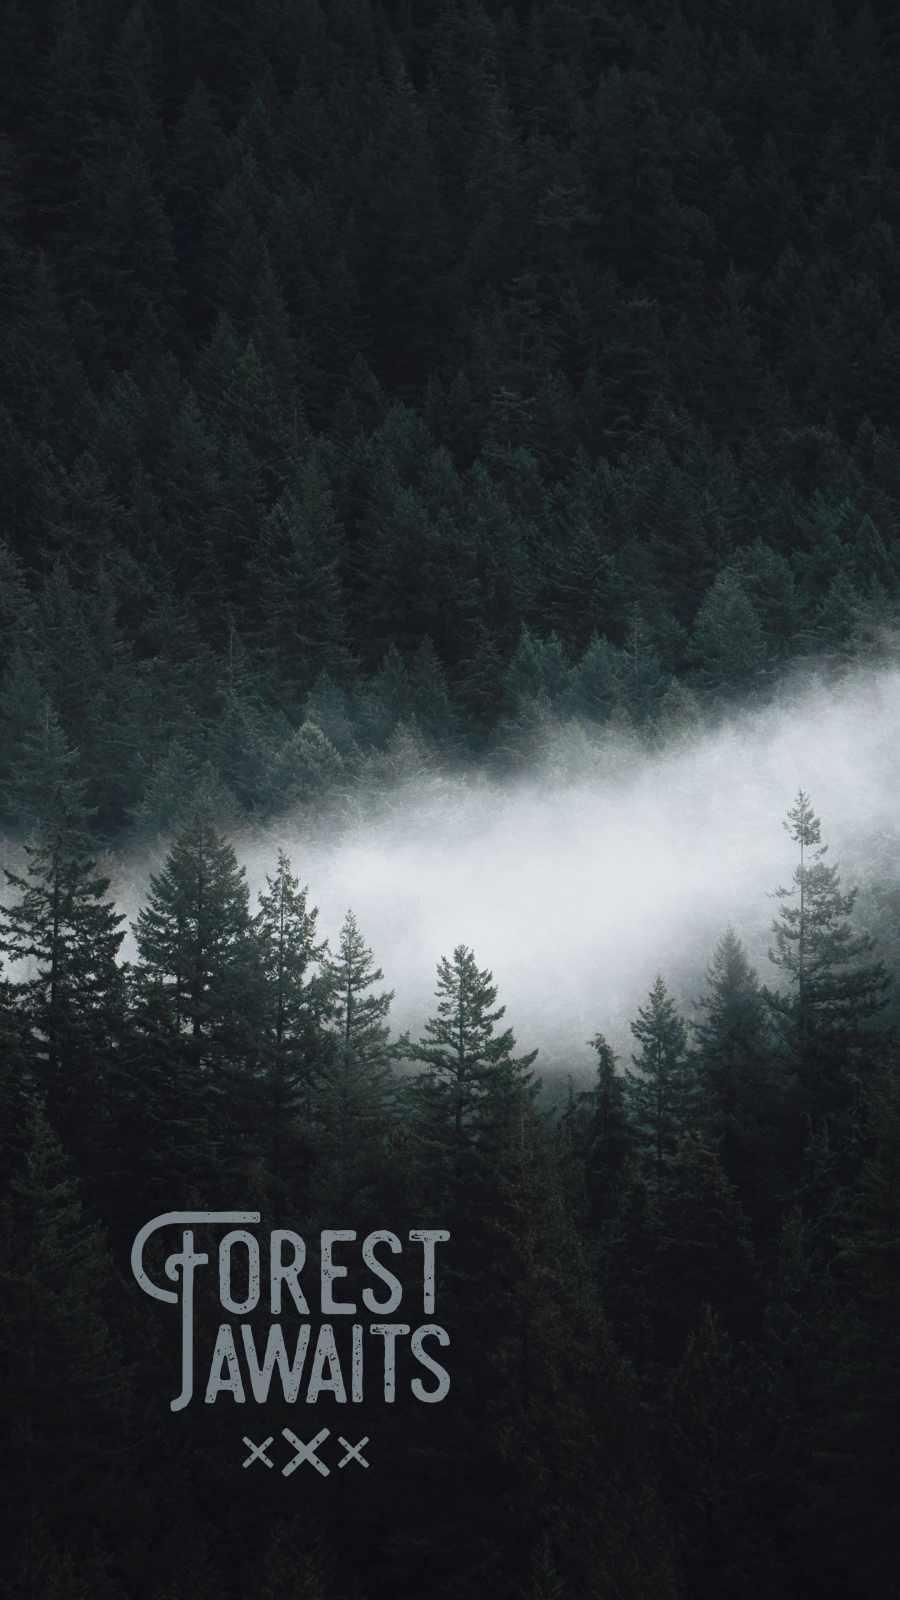 Forest Awaits iPhone Wallpaper